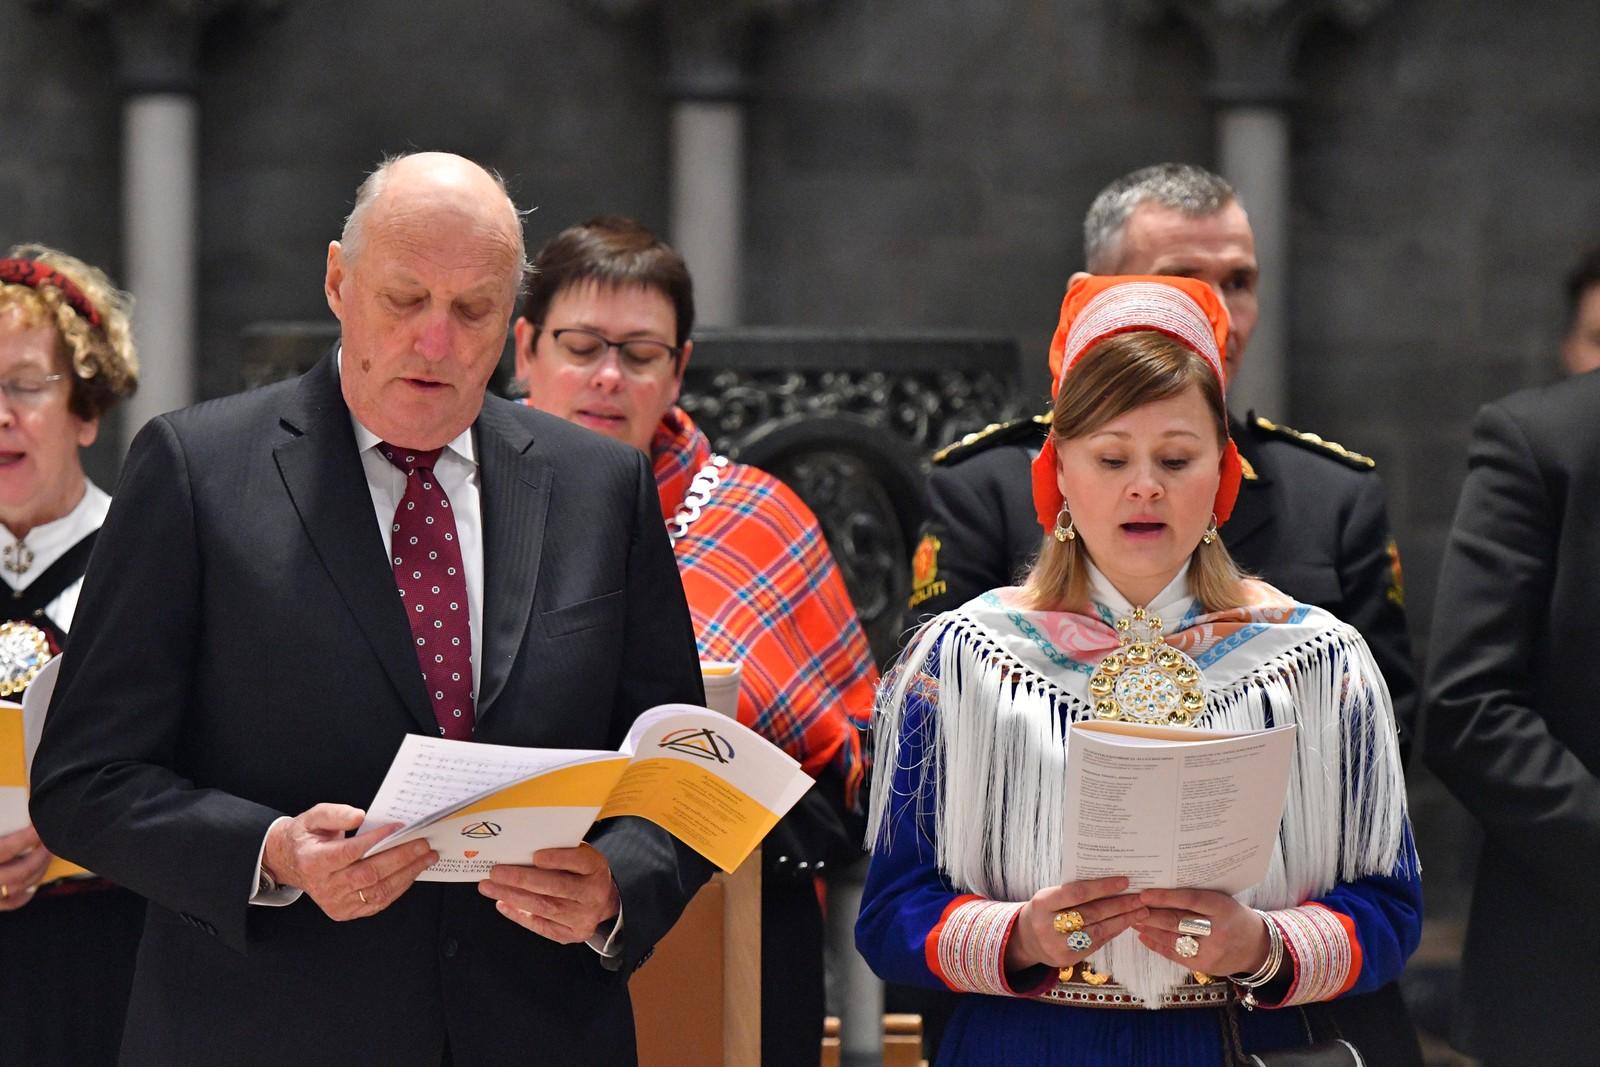 Jubileumsgudstjeneste i forbindelse med tråante2017 i Nidarosdomen, mandag formiddag. Kong Harld og Sara Ellen Anne Eira, leder i samisk kirkeråd, i forbindelse med Tråante2017 i Nidarosdomen.